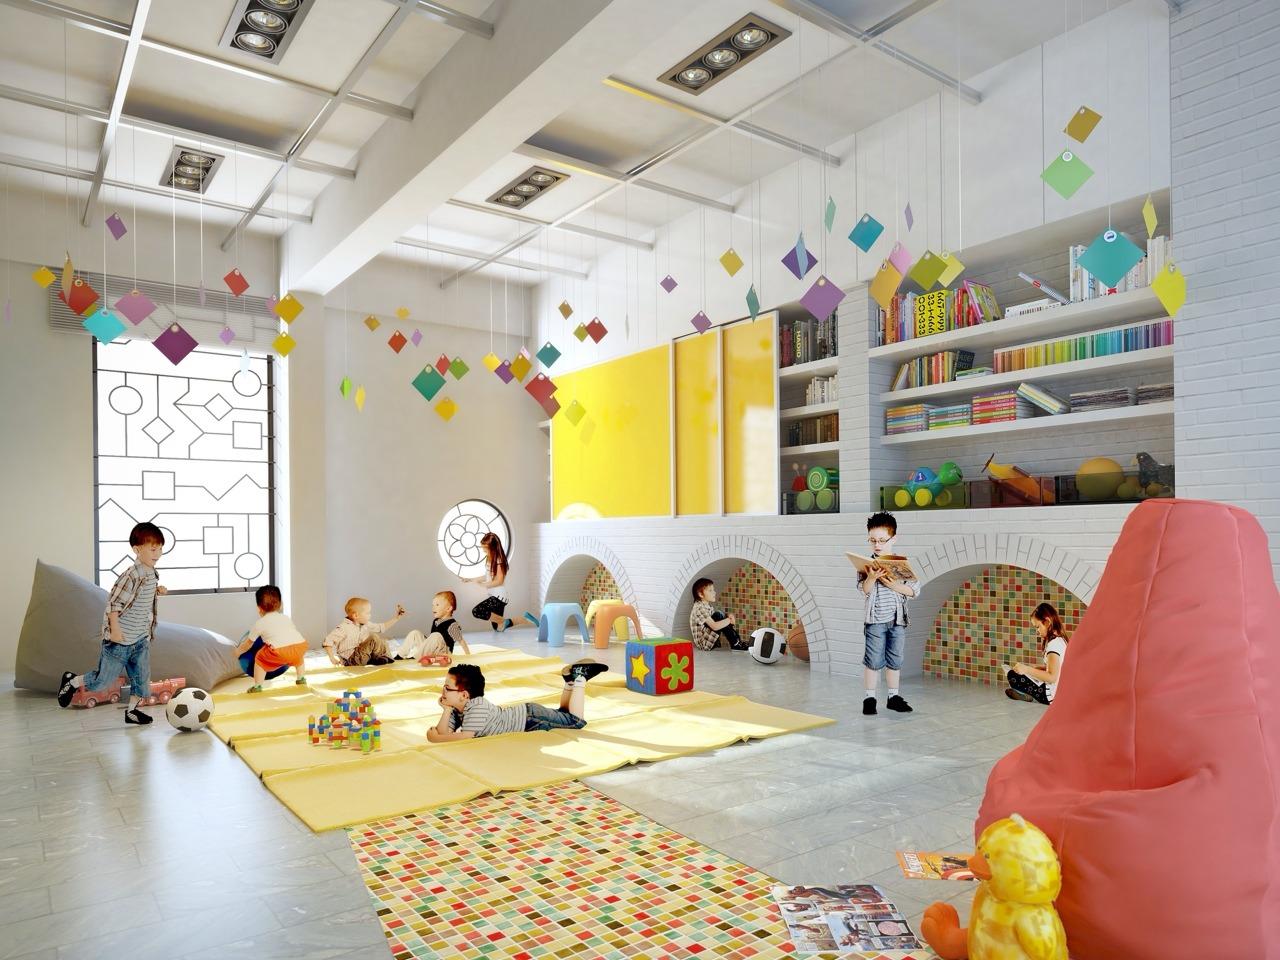 Interior Design Schools In Virginia Beach